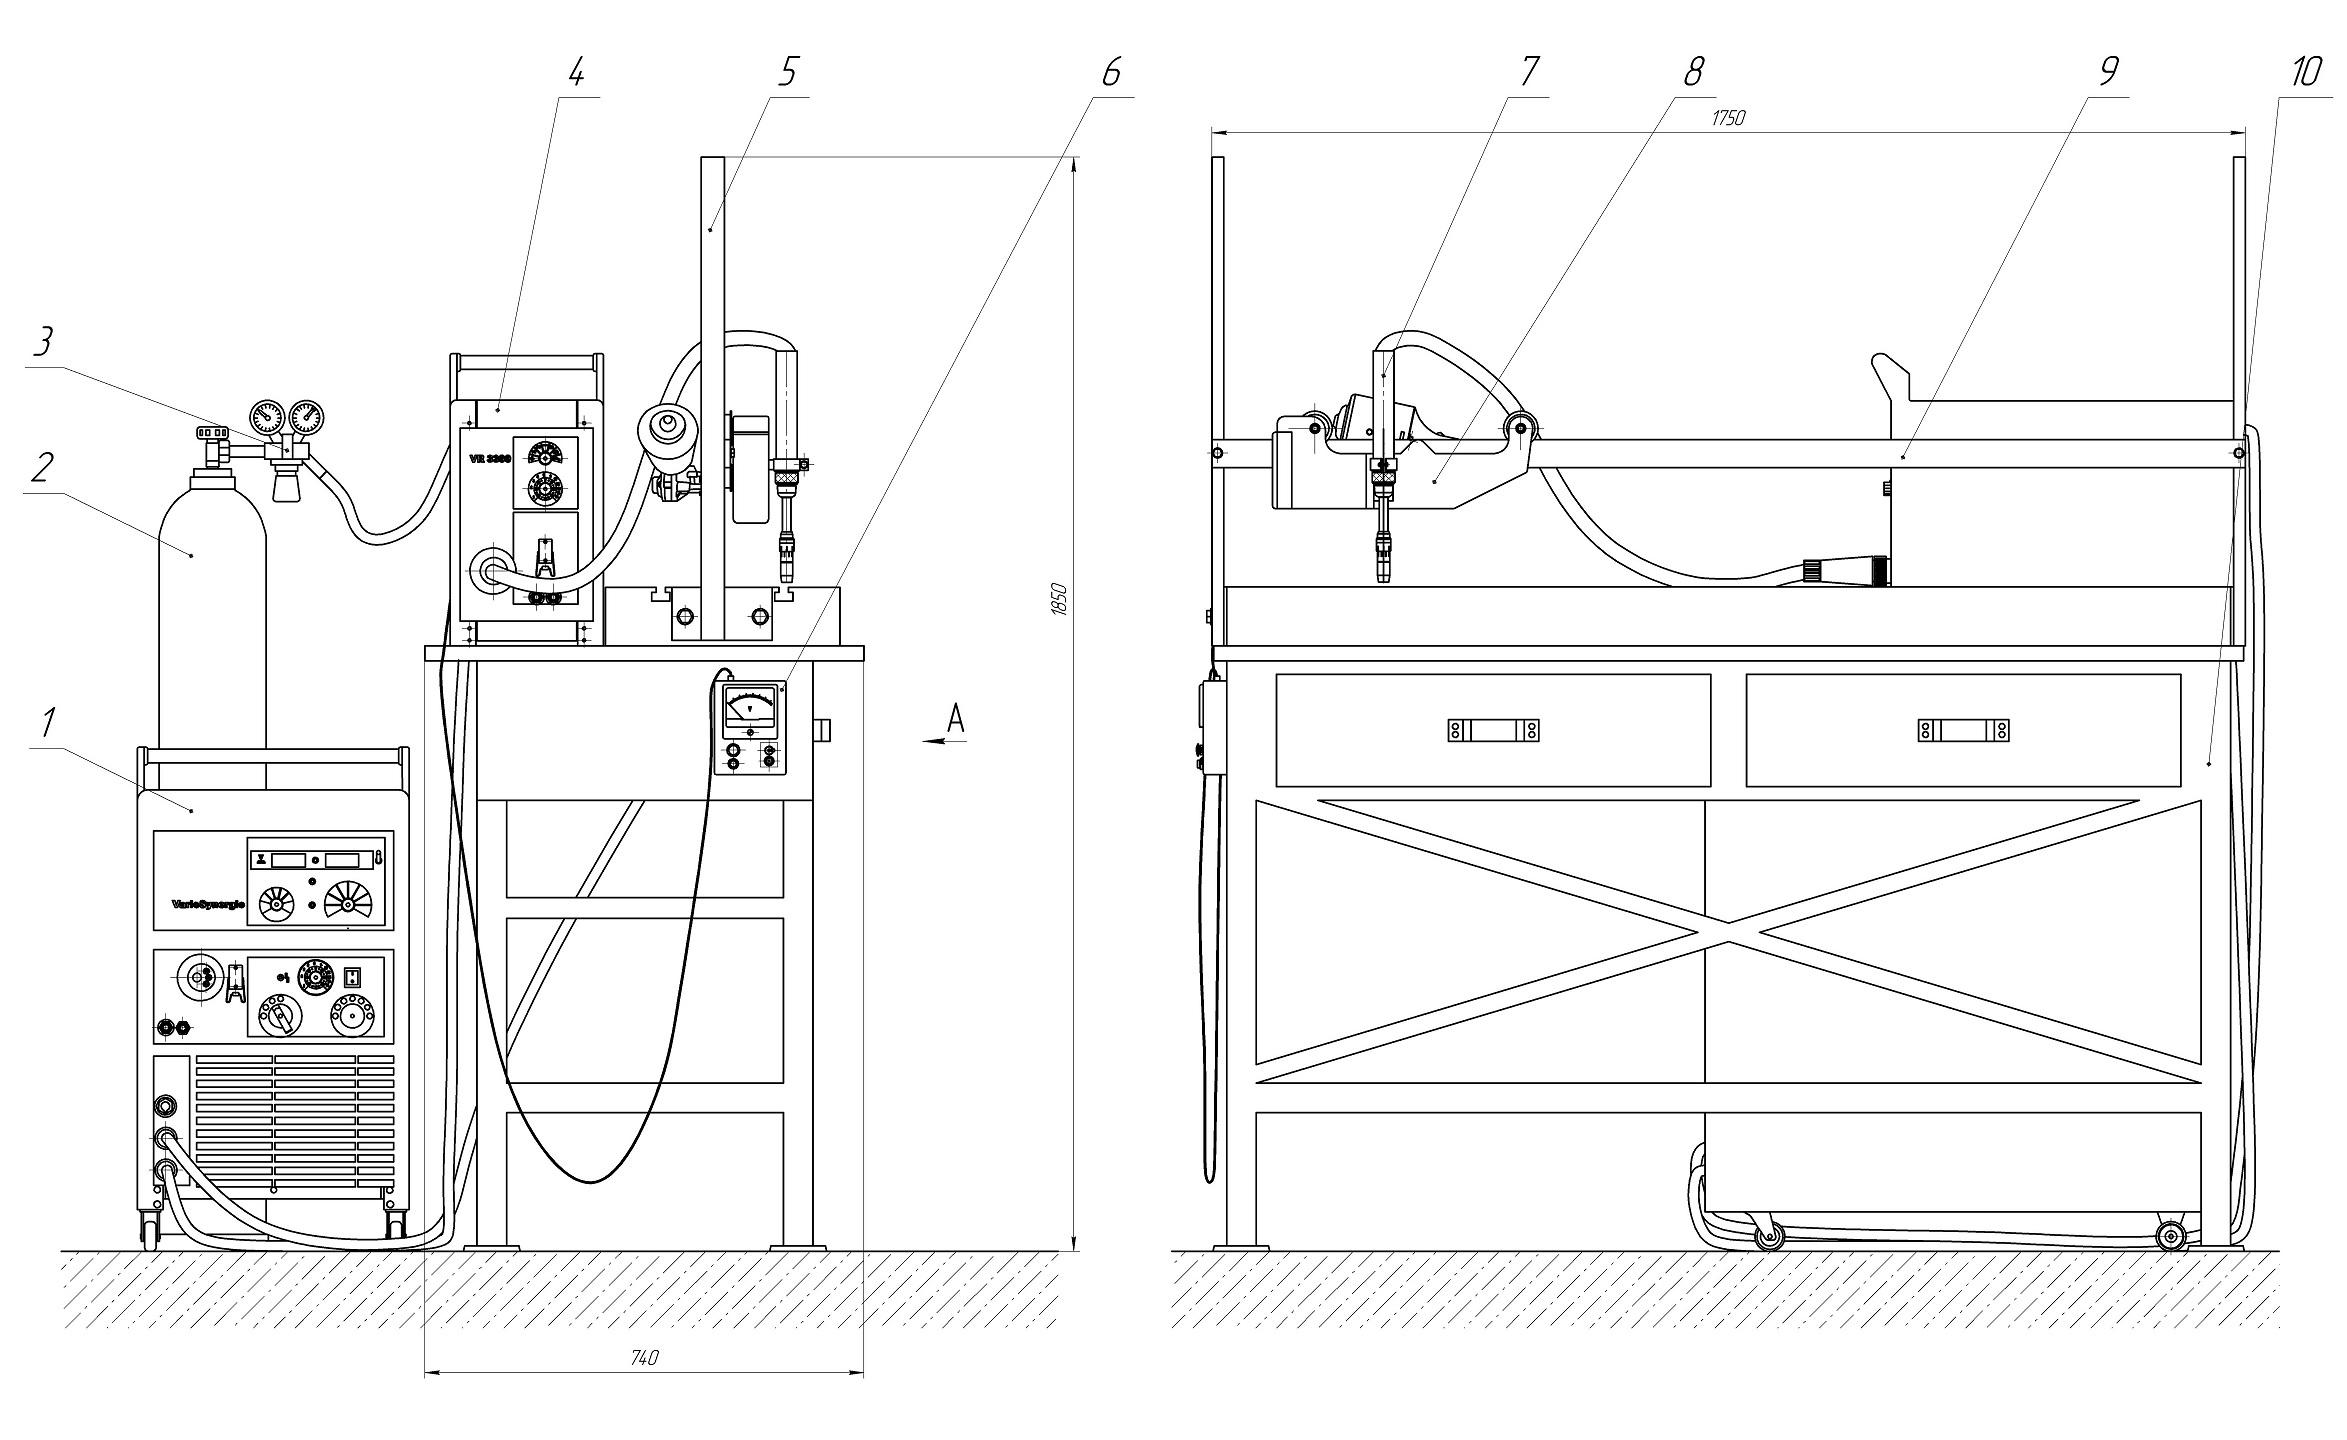 fronius,Fronius Vario Synergic, 4000-2, подаючий механізм VR-3300, подающи механизм, фрониус варио синерджик, установка для автоматической сварки